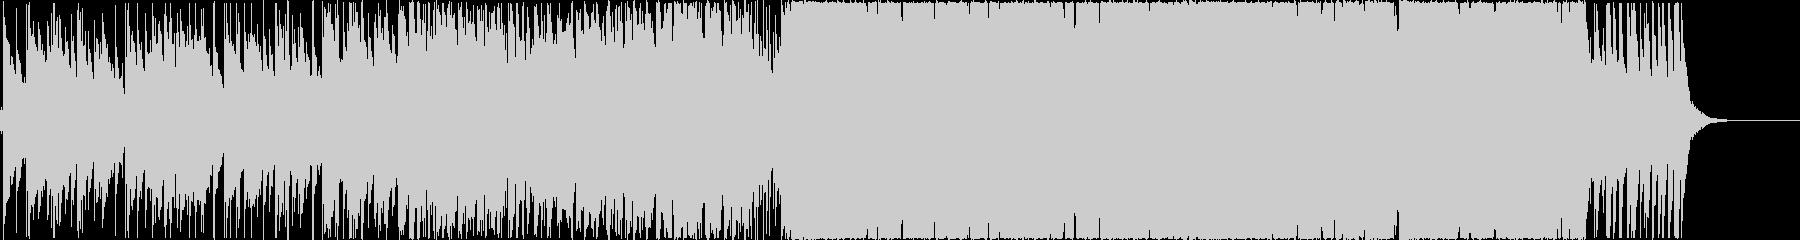 おしゃれなピアノバイオリンEDMの未再生の波形